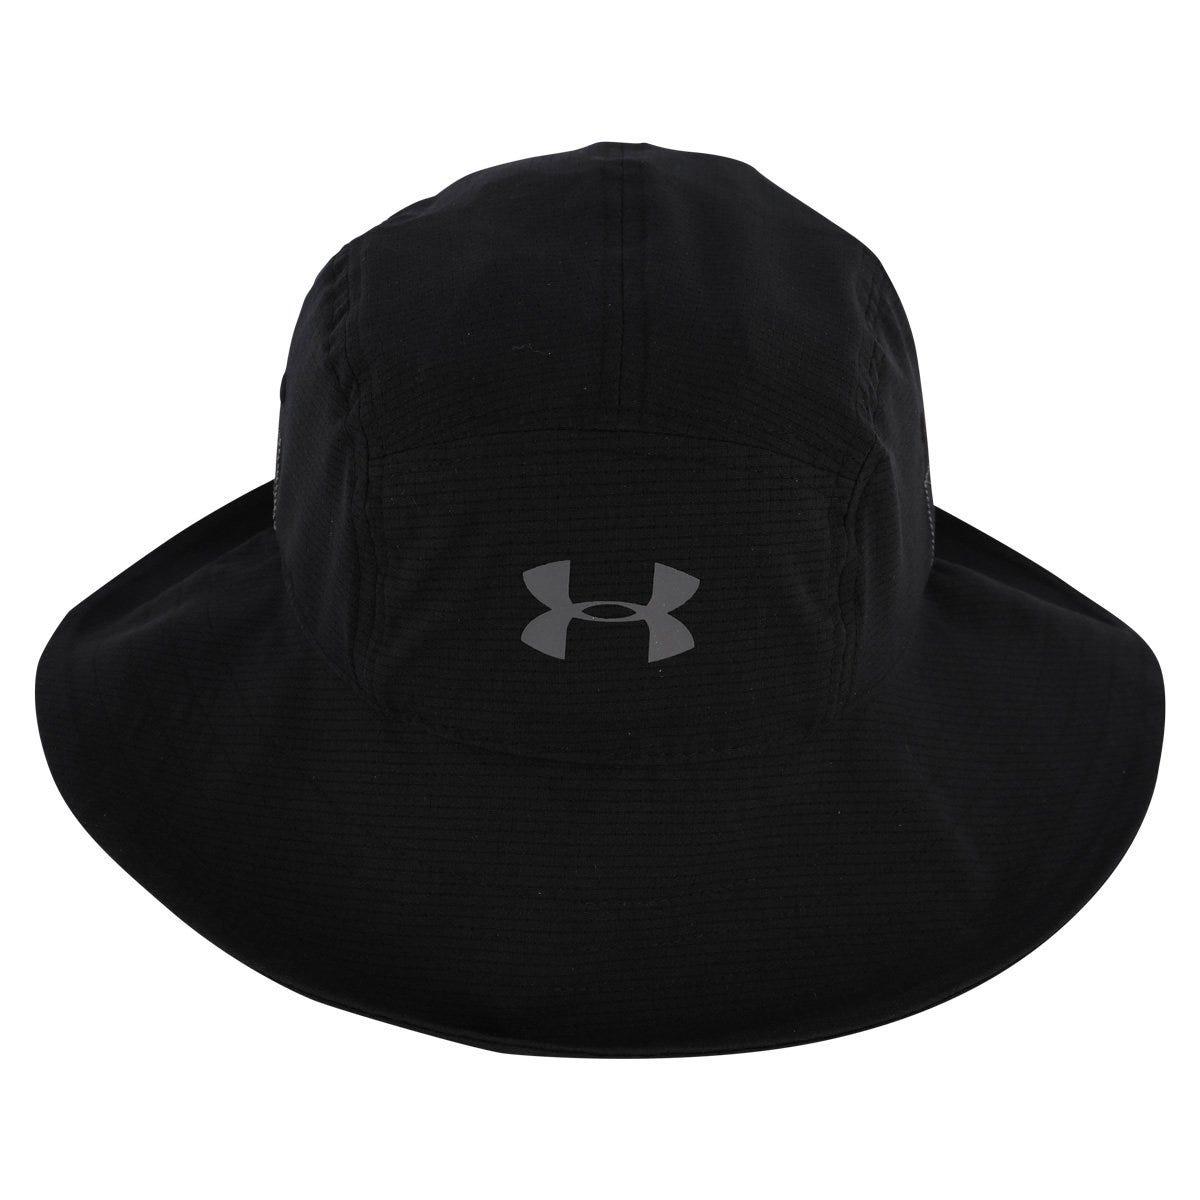 Under Armour Men's ArmourVent Warrior Bucket Hat